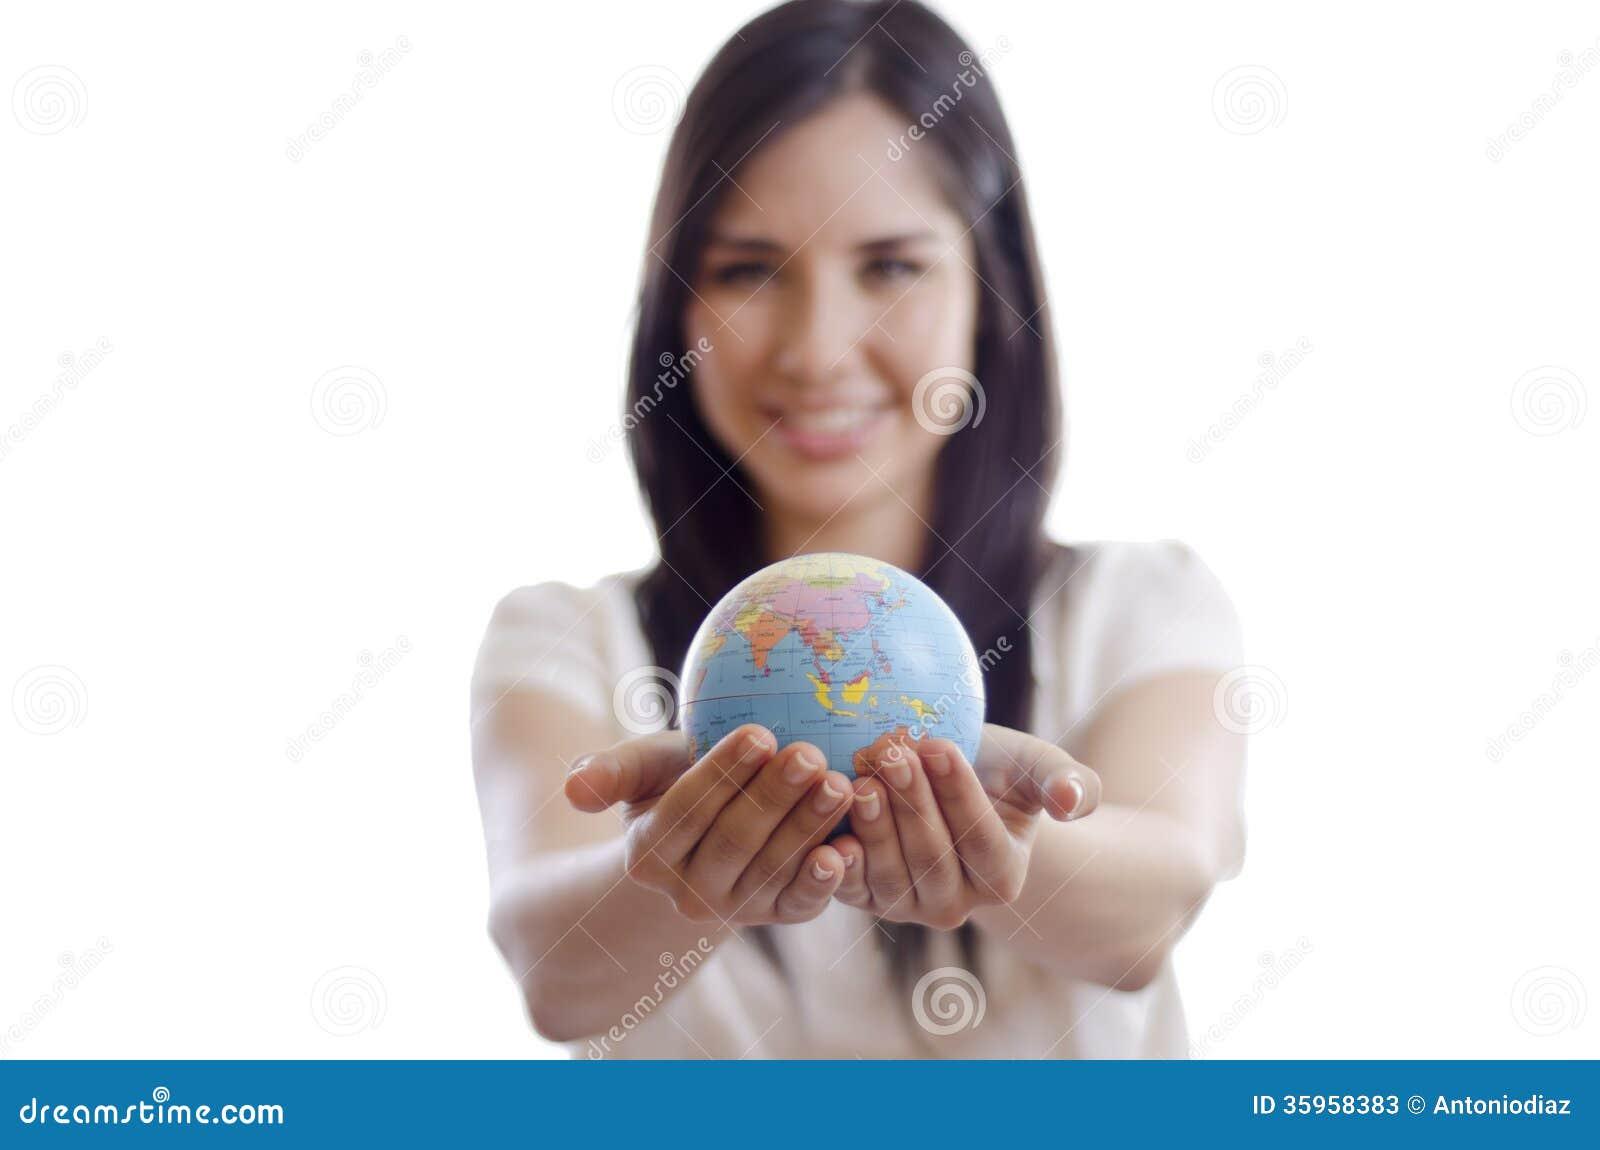 El mundo está en sus manos